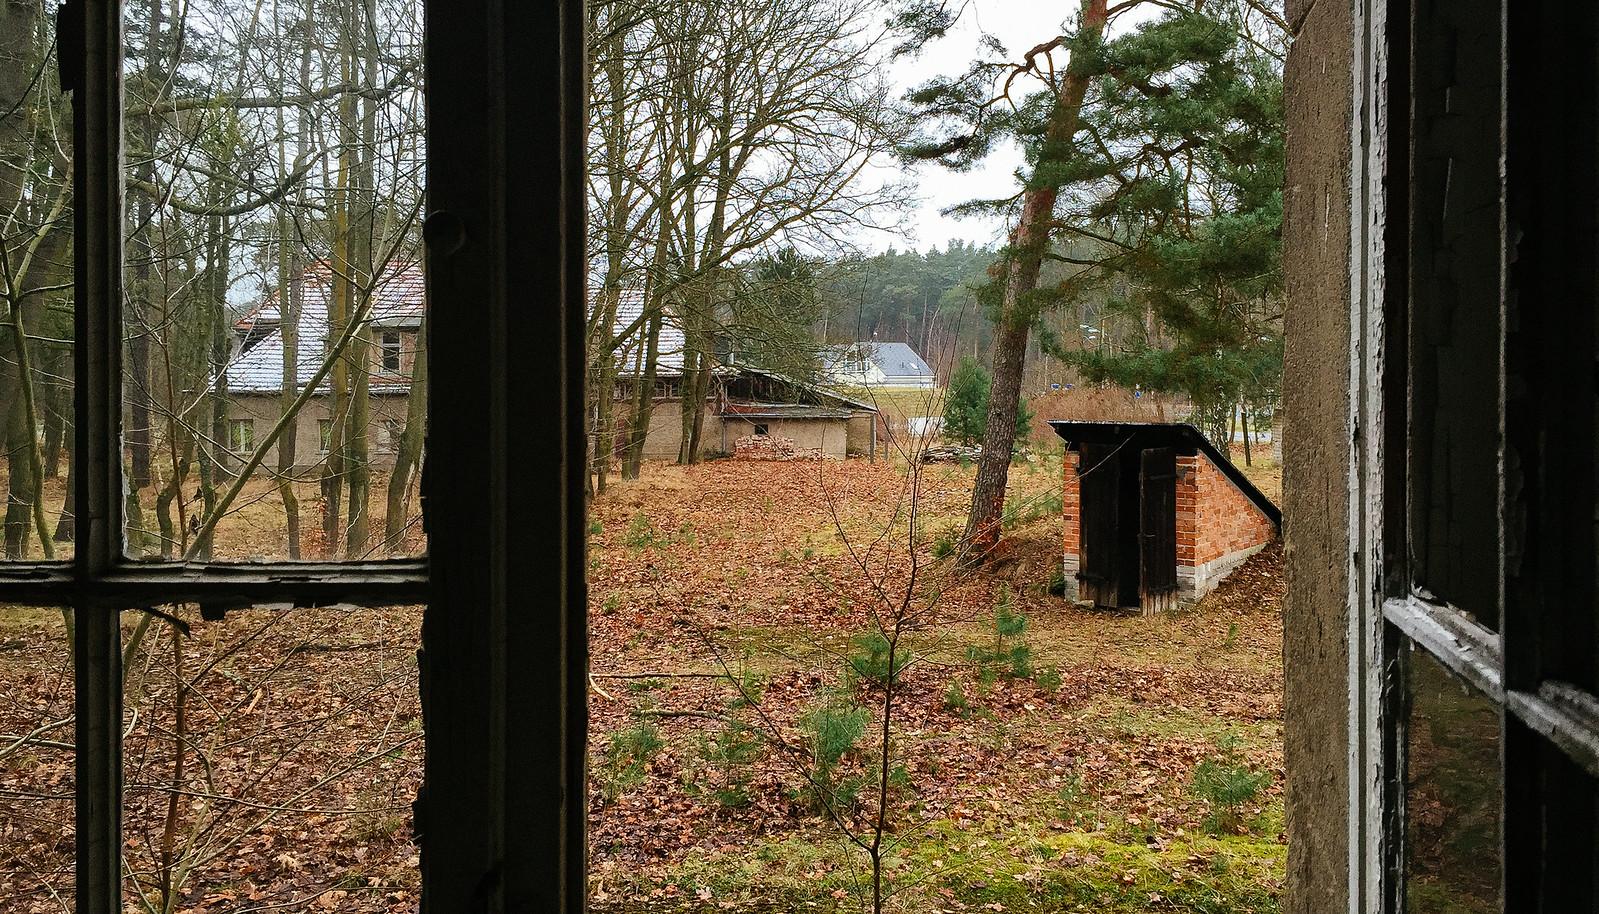 O Elisabeth Sanatorium é uma clínica que foi construída em 1912 para o tratamento de tuberculose. A hoje abandonada clínica fica em Stahnsdorf, uma vila entre Potsdam e Berlin, e eu fui explorar o local em janeiro de 2015.